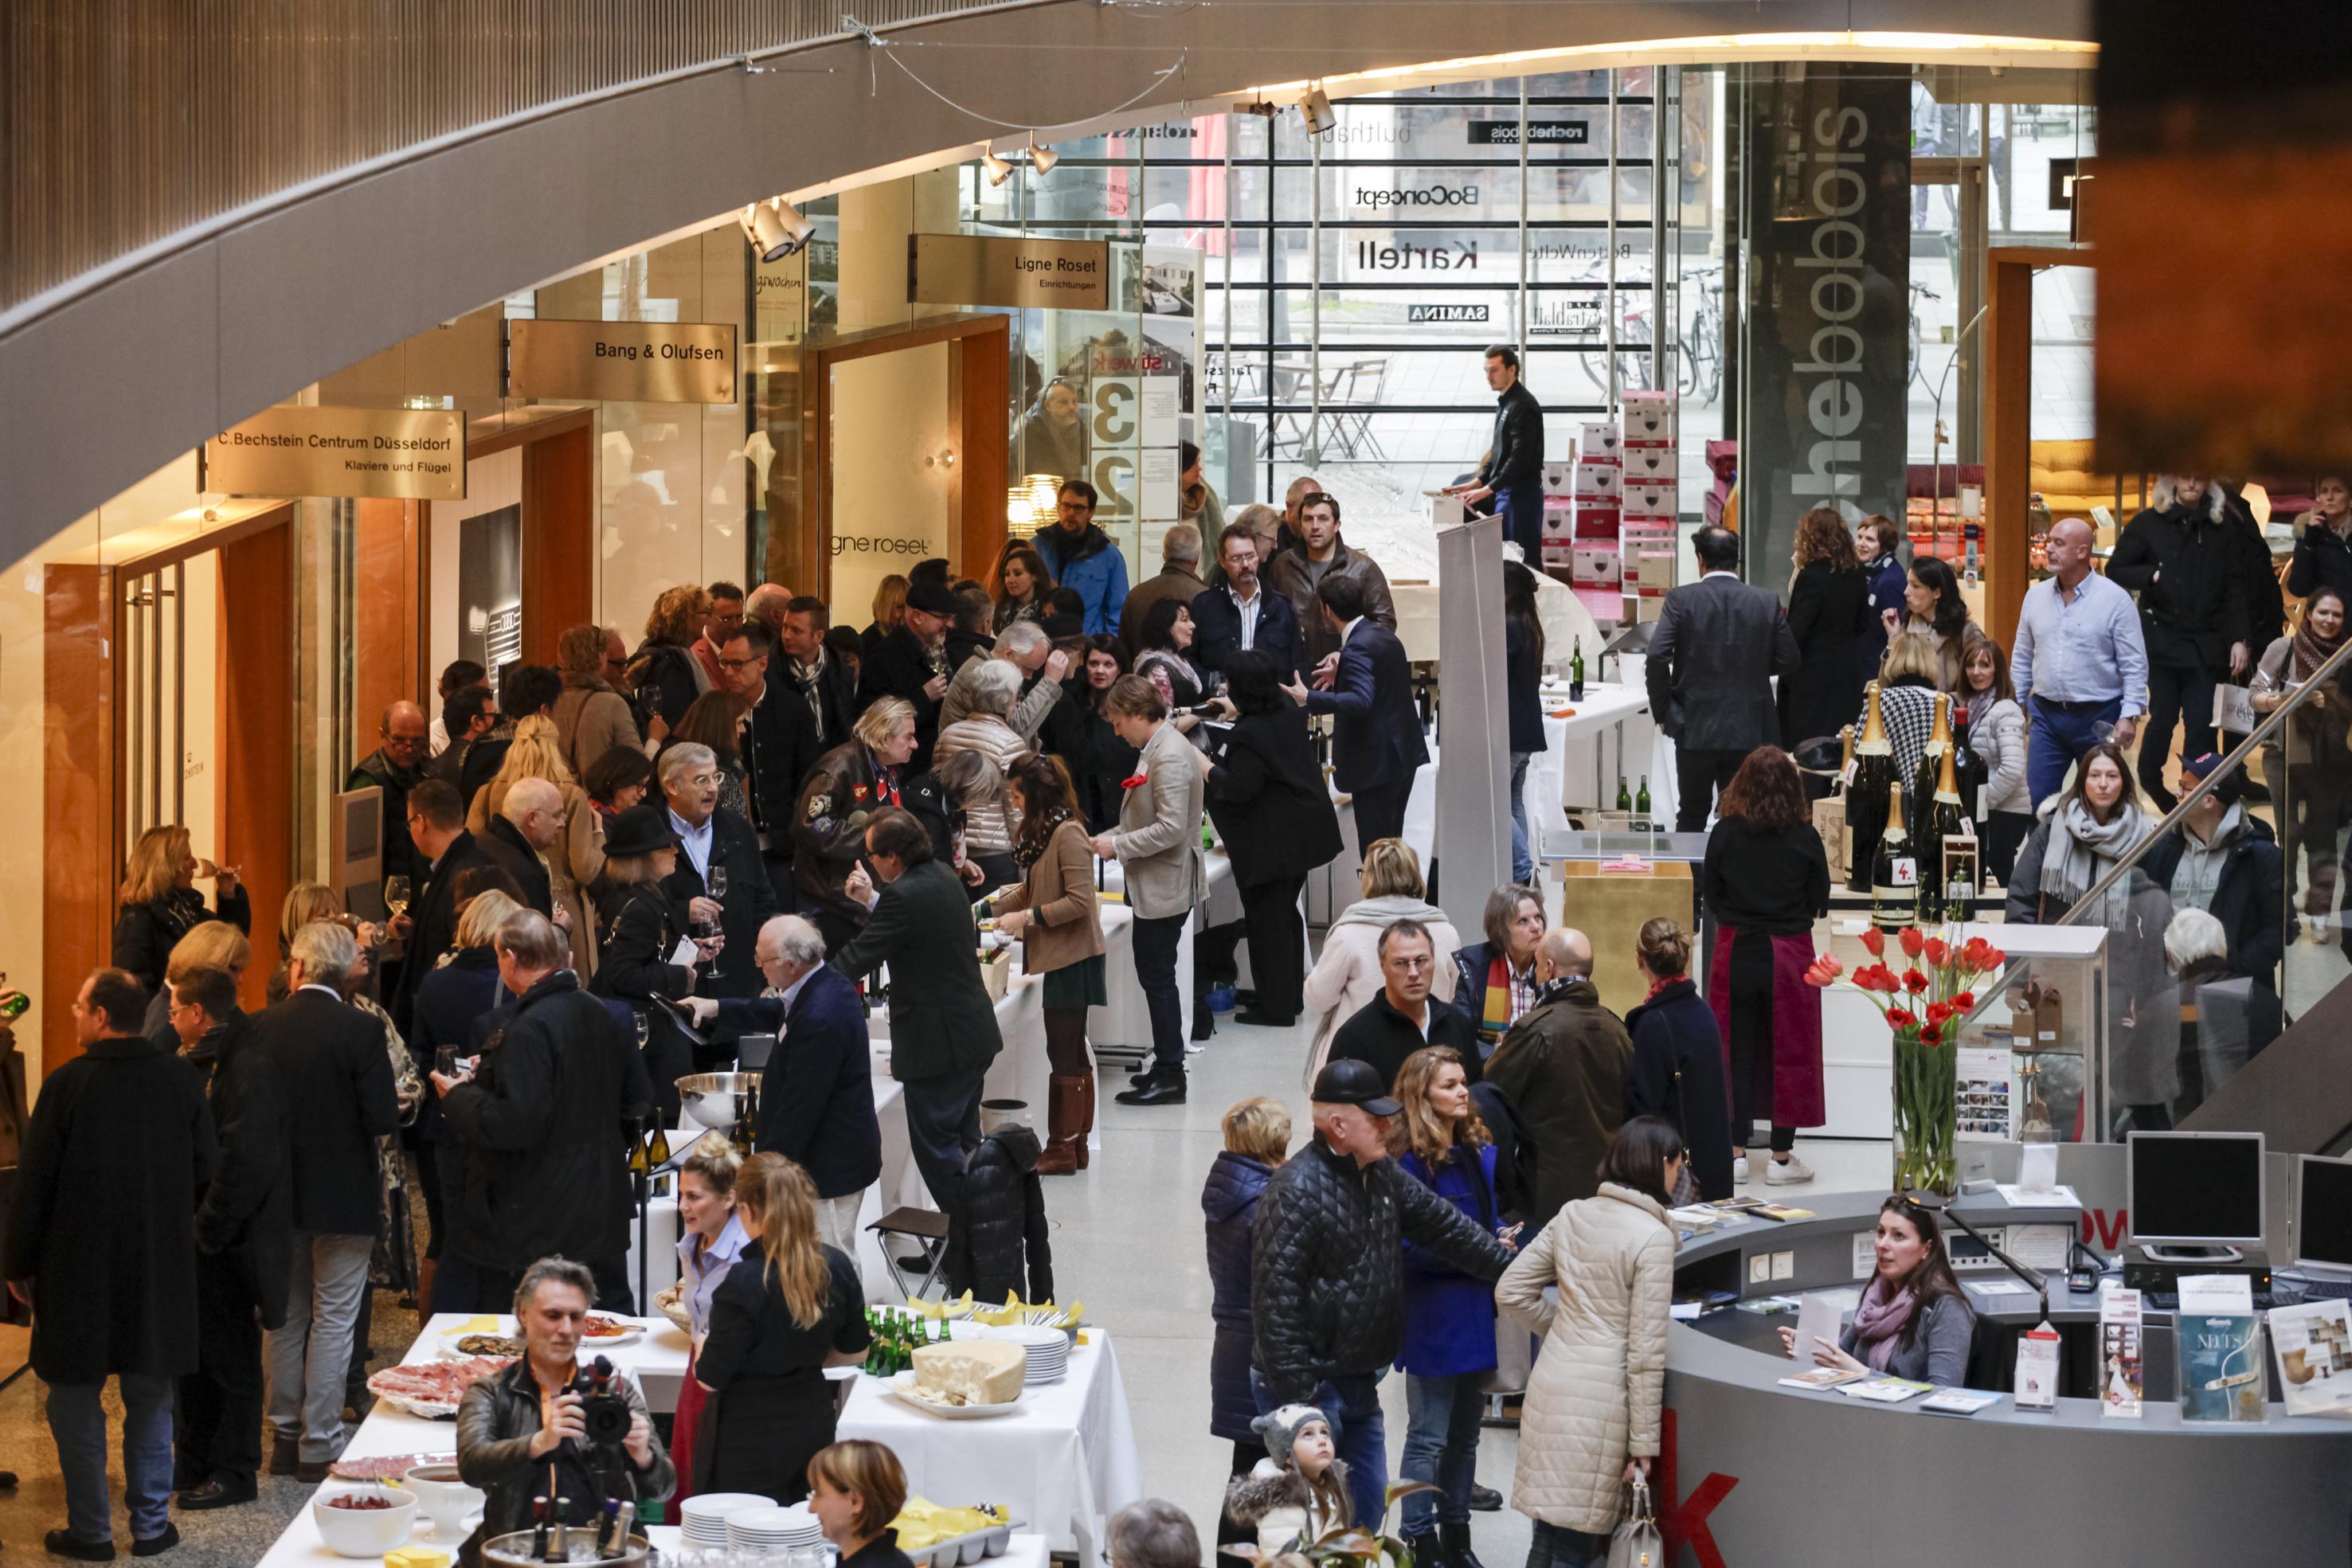 Düsseldorf, DEU, 12.3. 2016. Prowein goes city - große Weinverkostung im stilwerk. Die Leitmesse ProWein ist alljährlich der ultimative Treffpunkt der internationalen Wein- und Spirituosenbranche. 6.200 Aussteller aus 59 Ländern präsentierten sich zur ProWein 2016 vom 13. bis 15. März in Düsseldorf. Etwa 420 internationale Spirituosen-Anbieter zeigten einen anspruchsvollen Mix aus bewährten Klassikern, landestypischen Kostbarkeiten und ausgefallenen Neuvorstellungen. Auch Innovationen und Entwicklungen im Bereich Zubehör für die Wein- und Spirituosenbranche fanden sich in Düsseldorf. | ProWein is the Leading Trade Fair and a unique meeting point for the international Wine and Spirits Sector. 6,200 exhibitors from 59 countries were present at ProWein 2016, from 13 to 15 March in Düsseldorf. Around 420 international spirits suppliers showed a sophisticated, high-quality mix consisting of tried-and-tested classics, regional-specific delicacies and exceptional new products. Innovations and new developments in accessories for the wine and spirits sector were also on display in Düsseldorf.Foto: Messe Düsseldorf, Constanze Tillmann. Exploitation right Messe Düsseldorf, M e s s e p l a t z, D-40474 D ü s s e l d o r f, www.messe-duesseldorf.de; eine h o n o r a r f r e i e Nutzung des Bildes ist nur für journalistische Berichterstattung, bei vollständiger Namensnennung des Urhebers gem. Par. 13 UrhG (Foto: Messe Düsseldorf / ctillmann) und Beleg möglich; Verwendung ausserhalb journalistischer Zwecke nur nach schriftlicher Vereinbarung mit dem Urheber; soweit nicht ausdrücklich vermerkt werden keine Persönlichkeits-, Eigentums-, Kunst- oder Markenrechte eingeräumt. Die Einholung dieser Rechte obliegt dem Nutzer; Jede Weitergabe des Bildes an Dritte ohne Genehmigung ist untersagt | Any usage and publication only for editorial use, commercial use and advertising only after agreement; unless otherwise stated: no Model release, property release or other third party rights availa